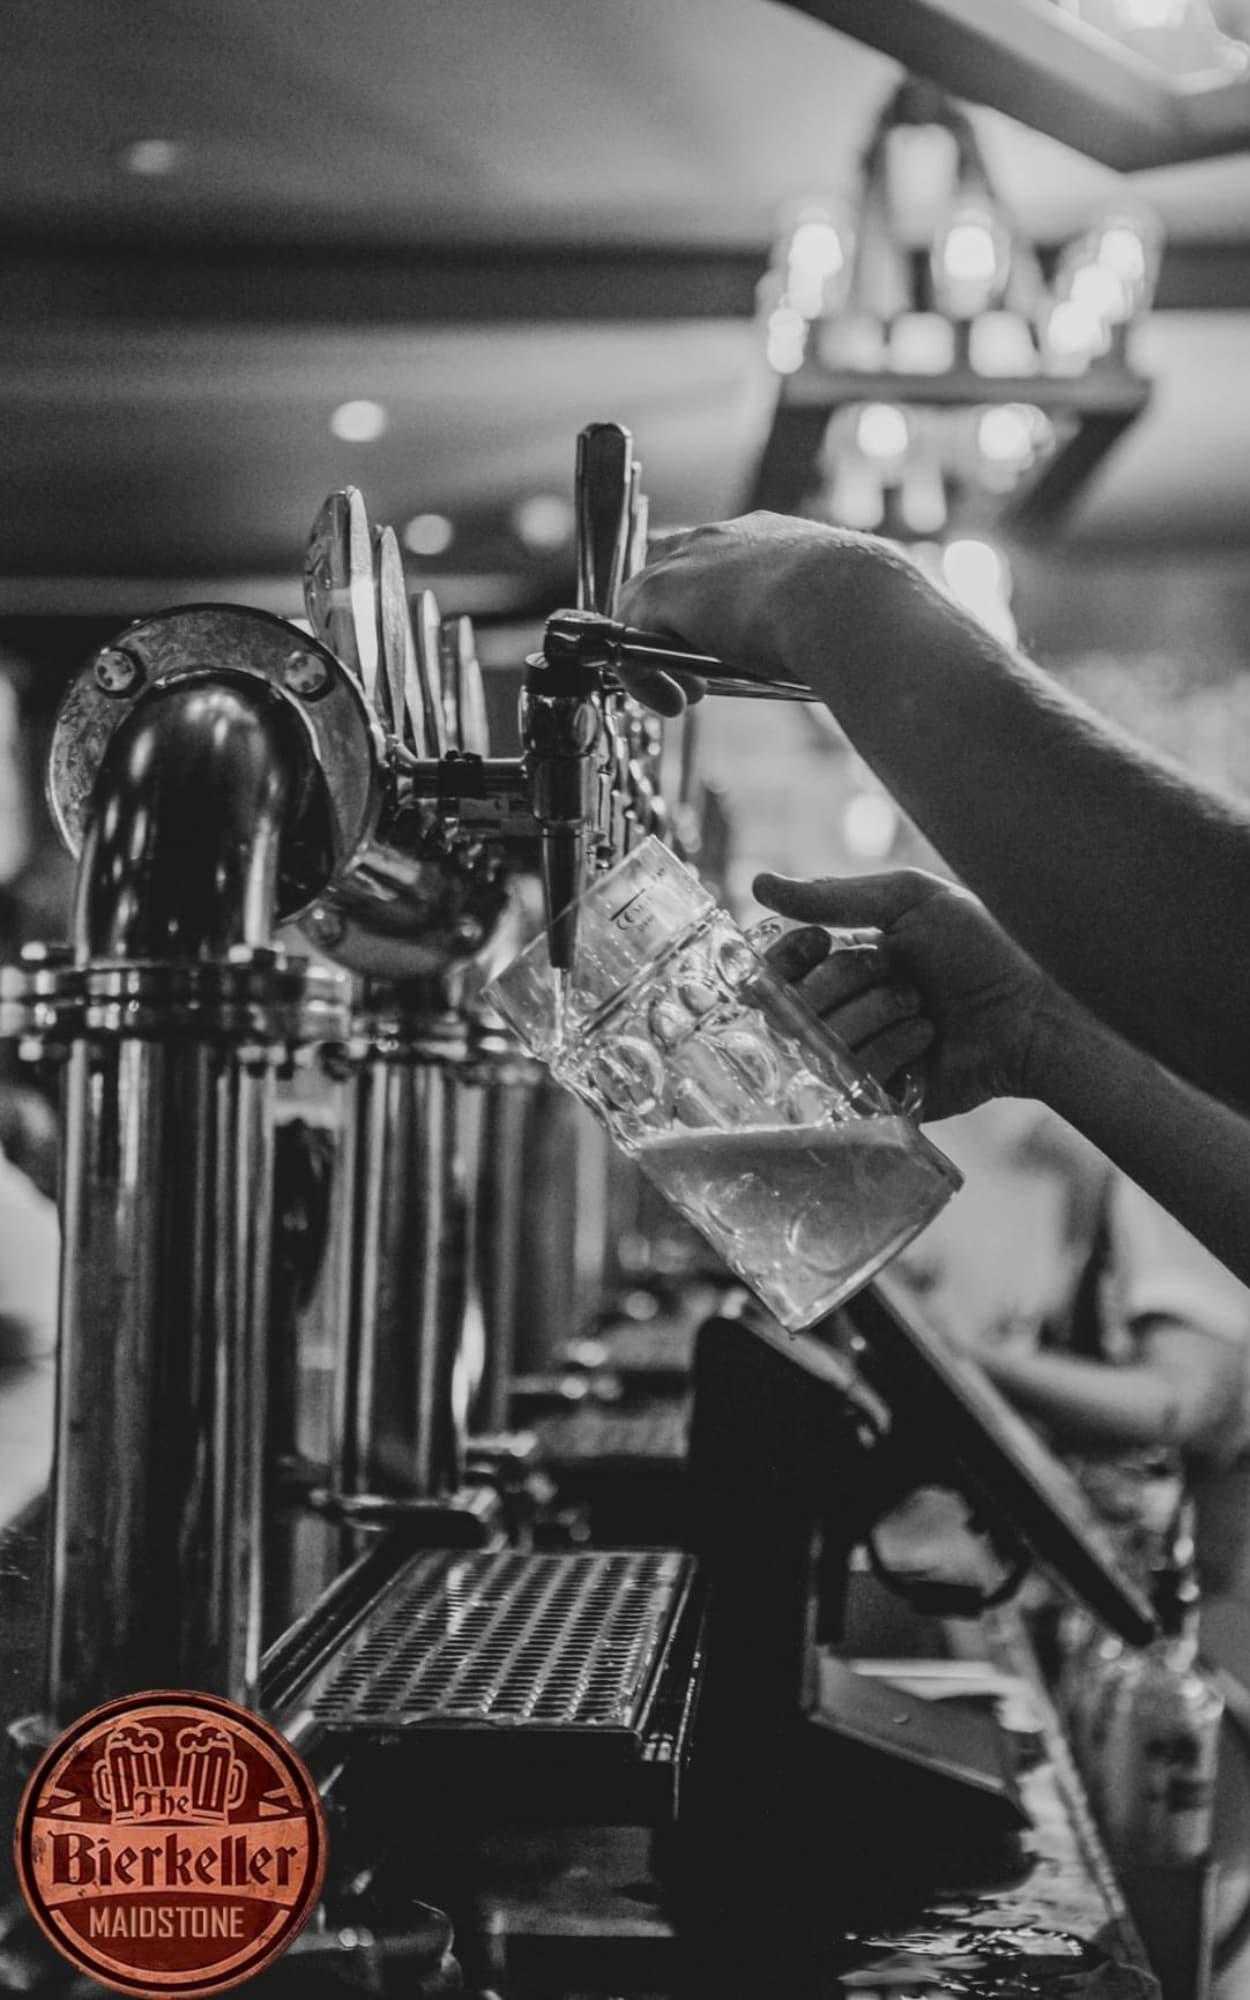 Bierkeller Maidstone Drinks